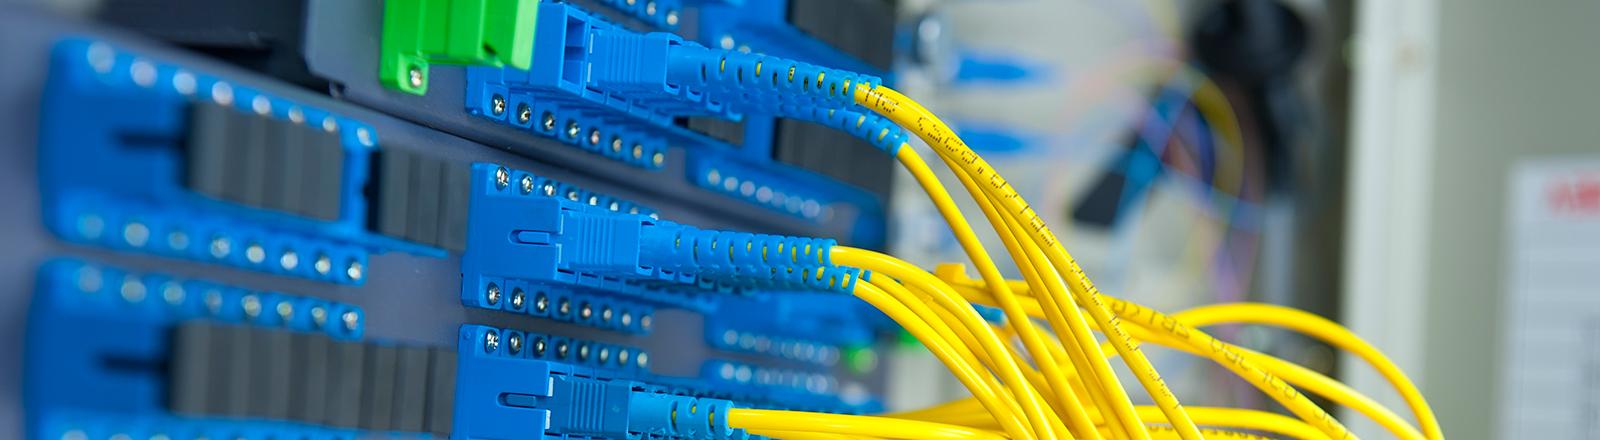 Budowa sieci i systemów IT